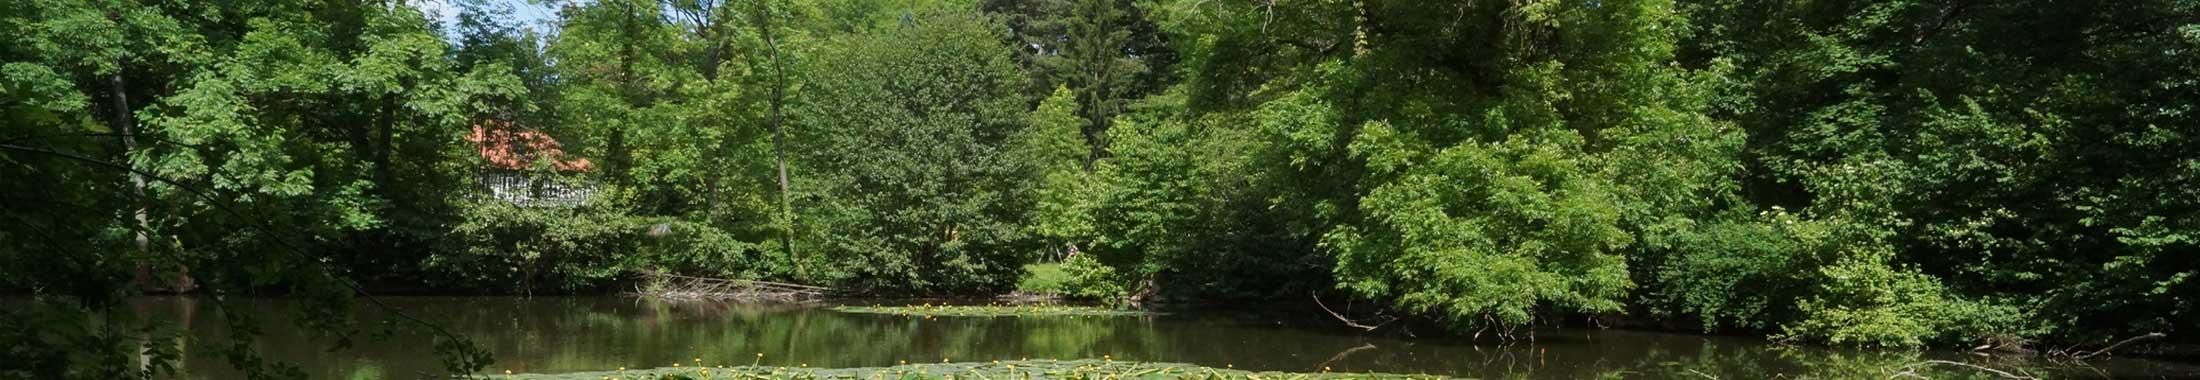 Ehrlicher Park